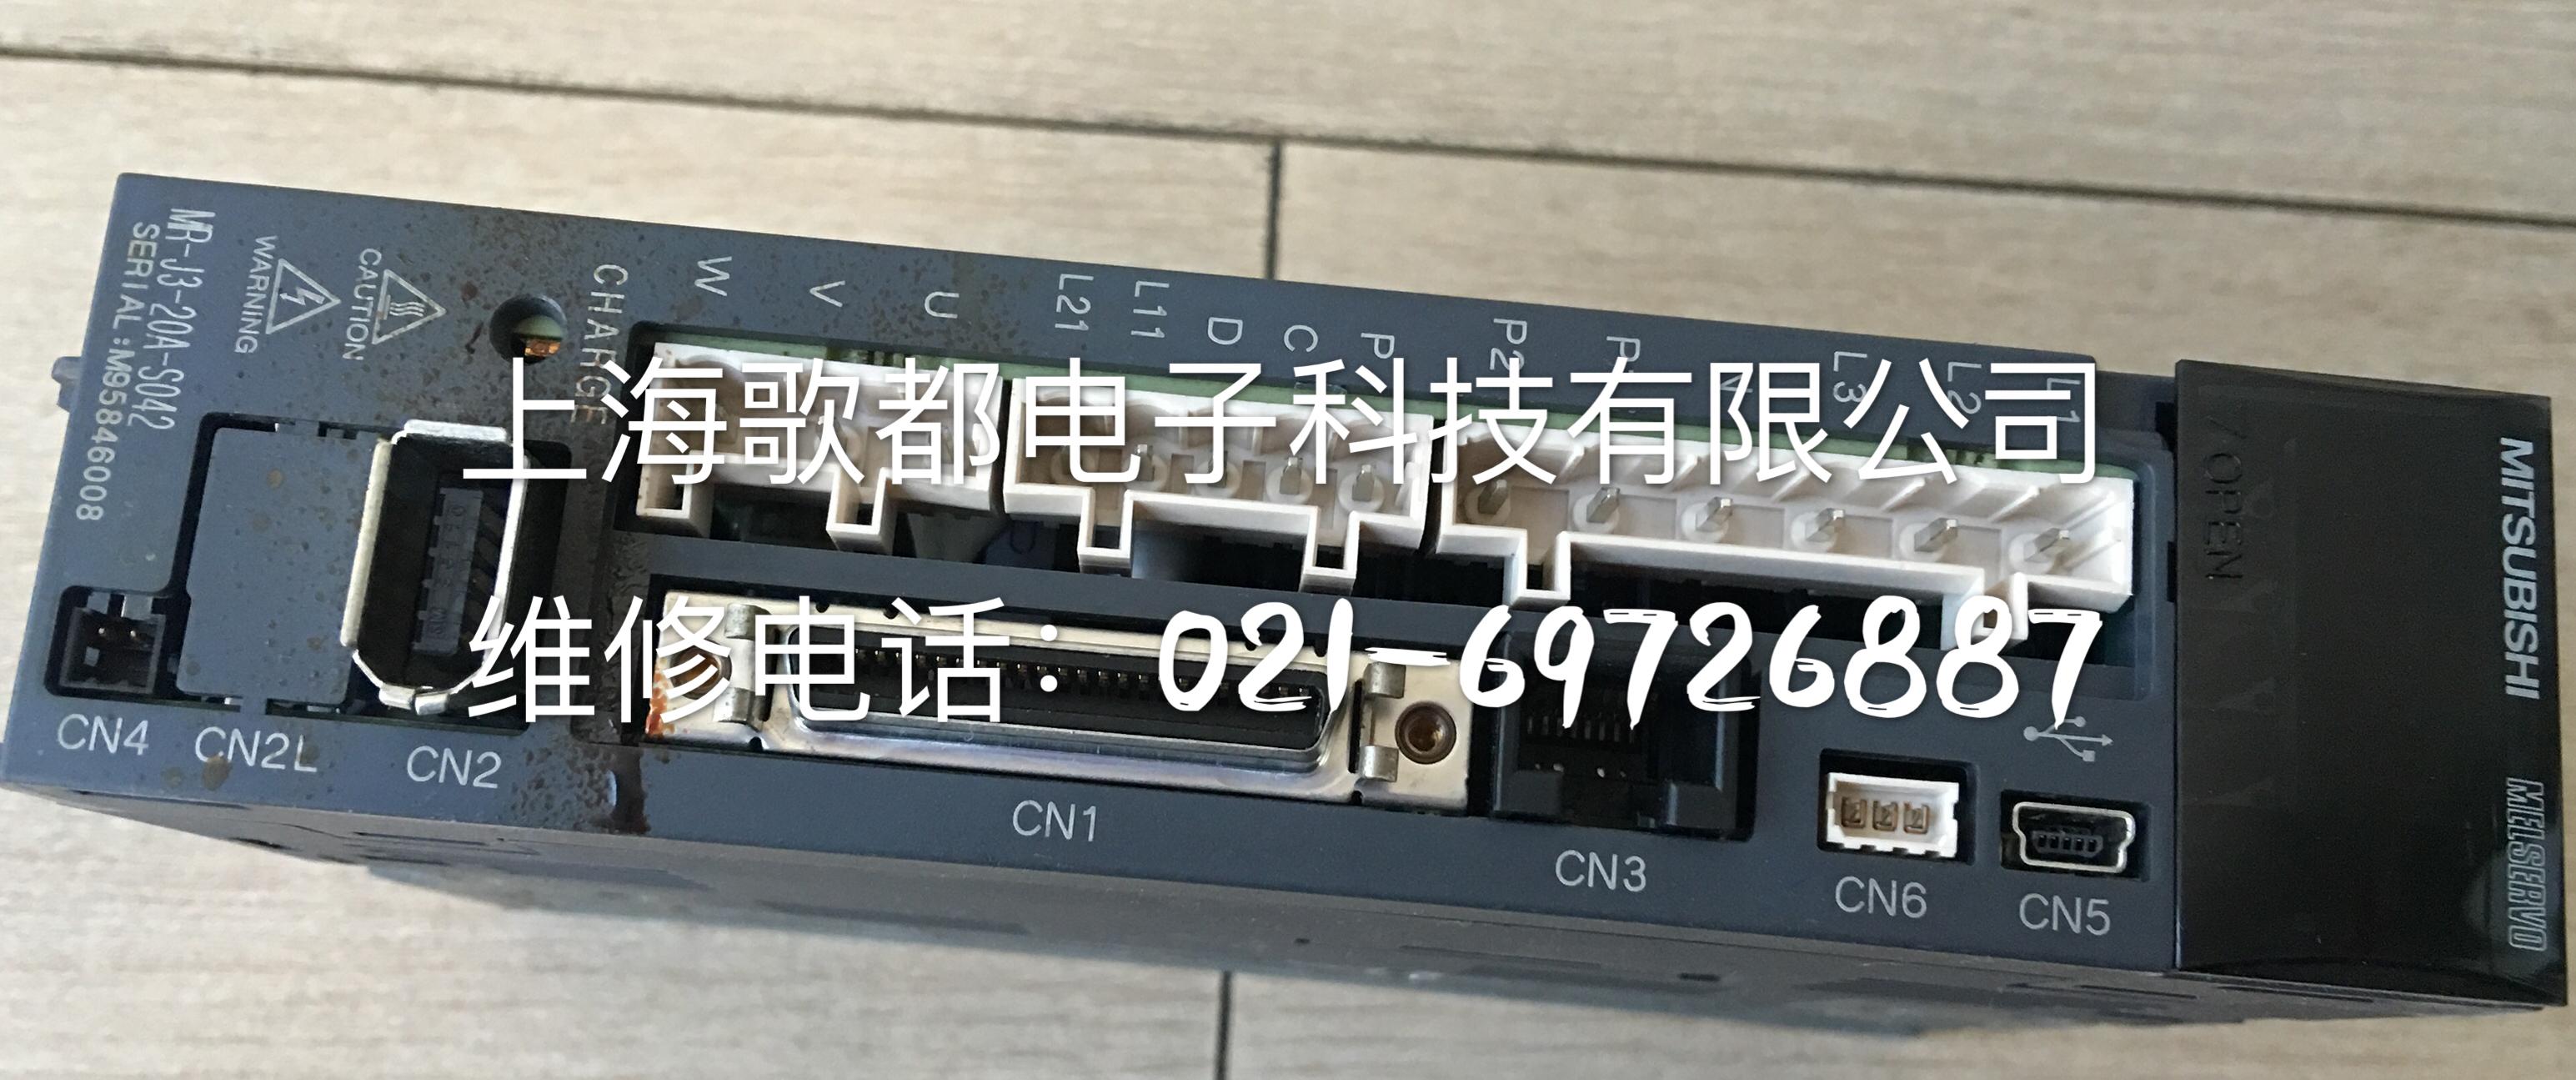 MITSUBISHI三菱驱动器MR-J3-20A-S042 200W专业维修